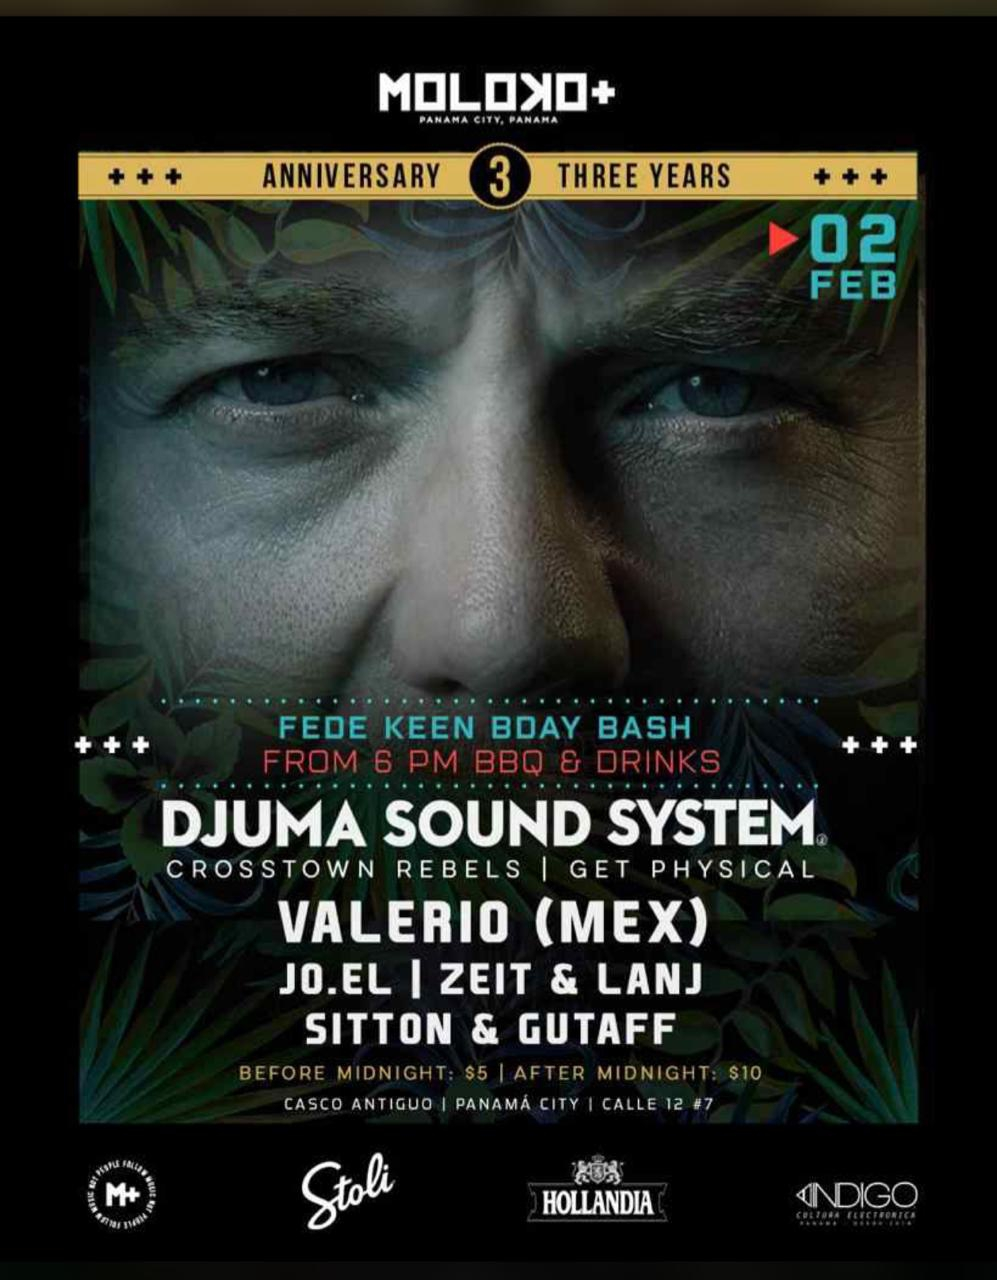 DJUMA SOUND SYSTEM